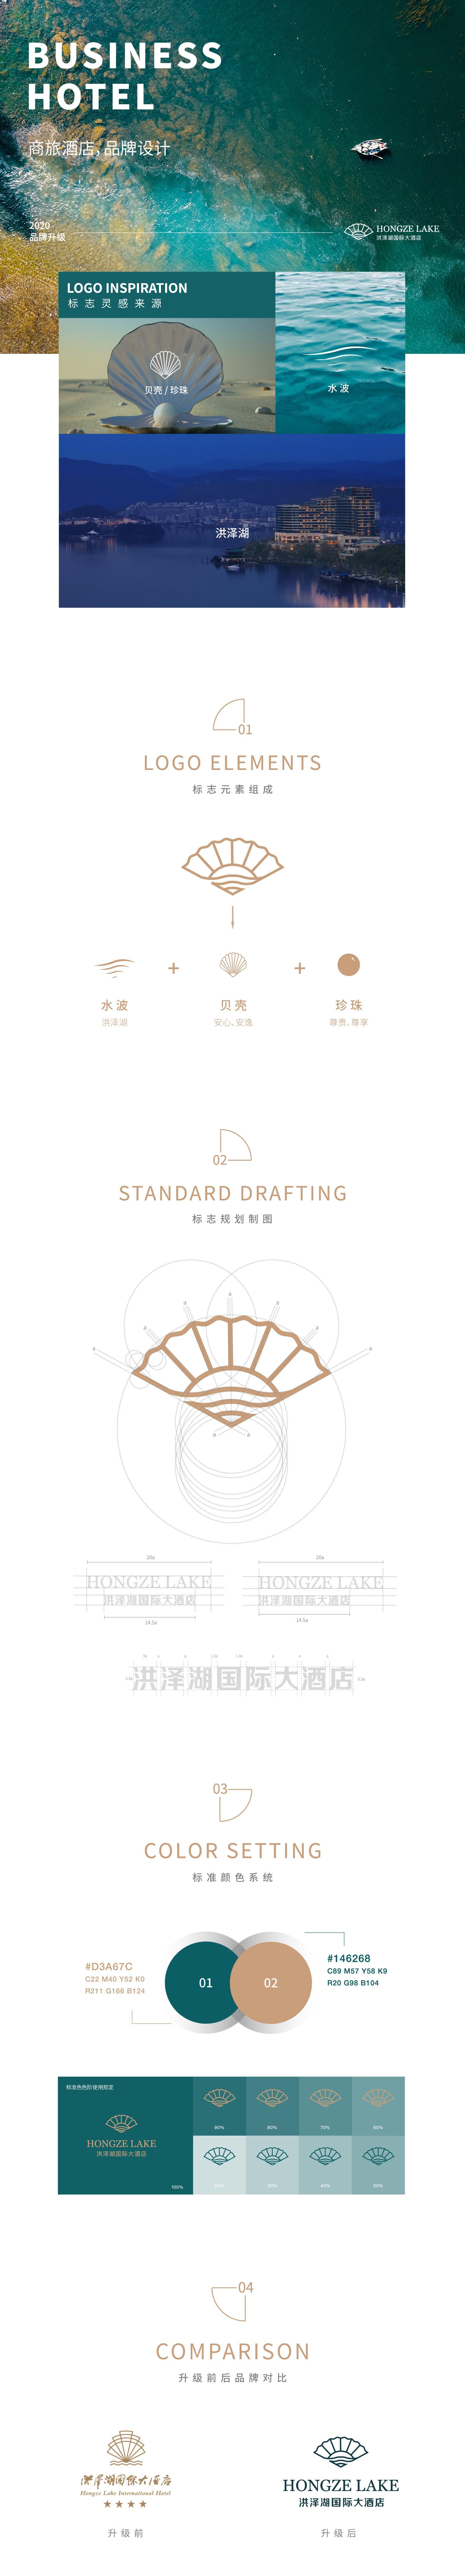 洪泽湖酒店-度假酒店品牌形象设计-杭州品牌设计